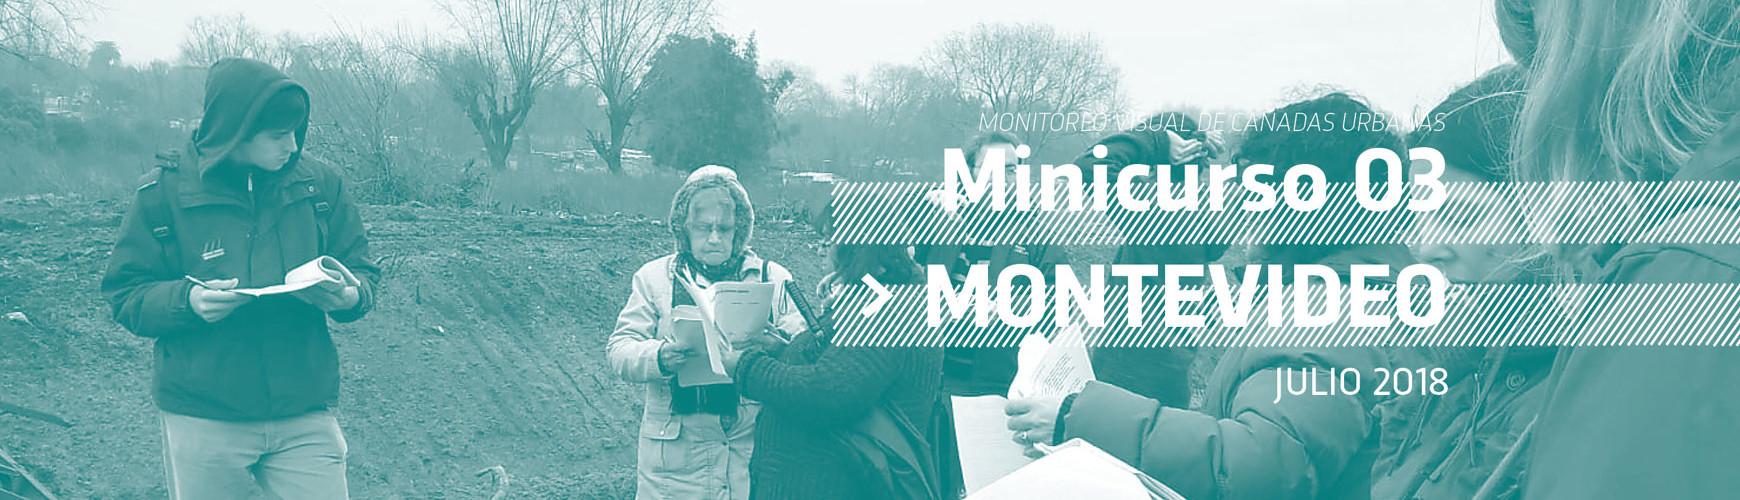 Banner-Minicurso-Montevideo